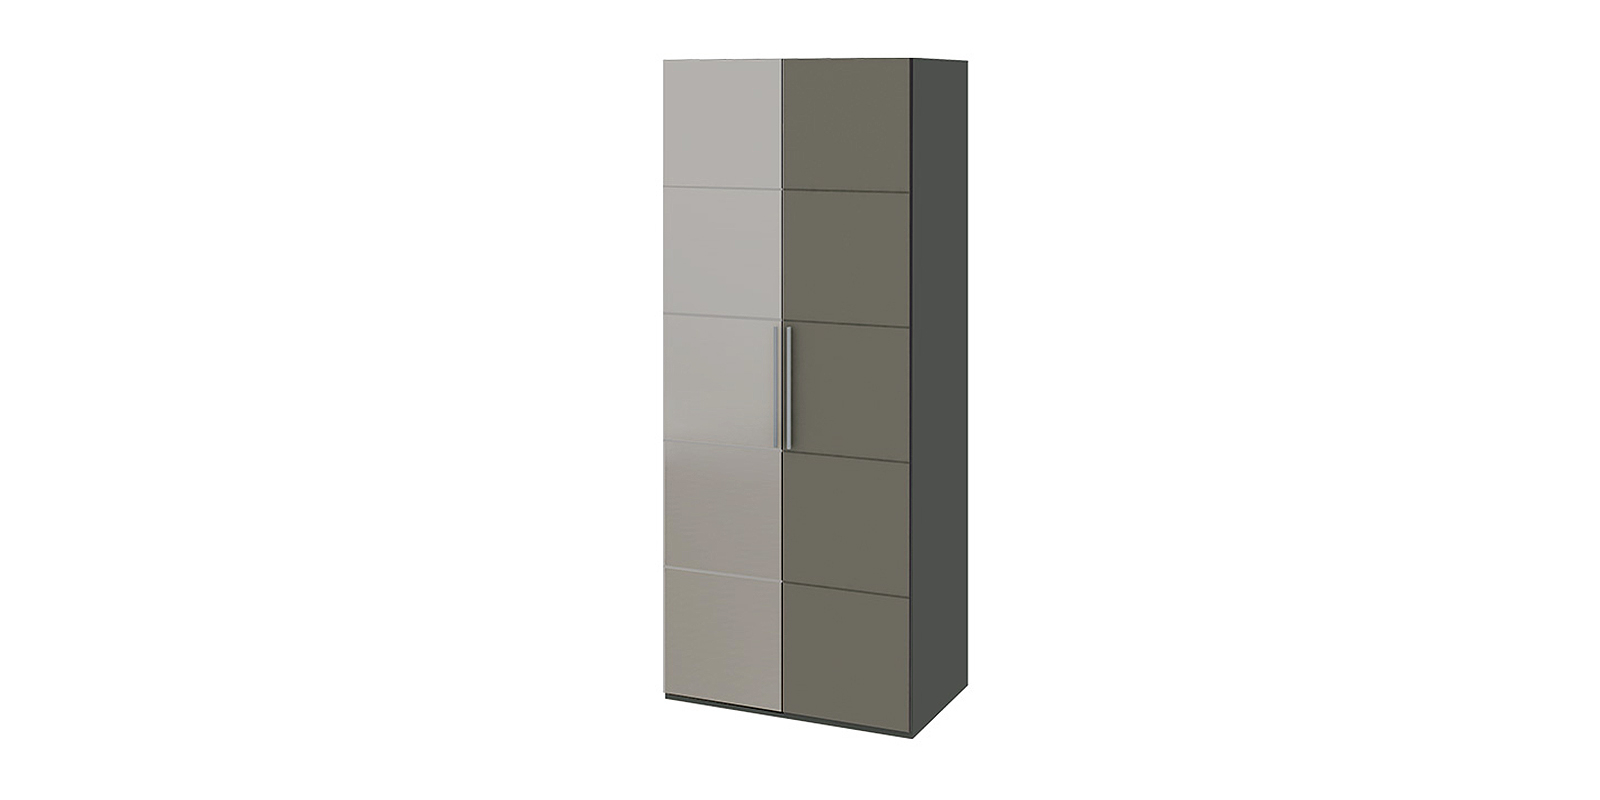 Шкаф распашной двухдверный Сорренто вариант №2 левый (серый/коричневый)